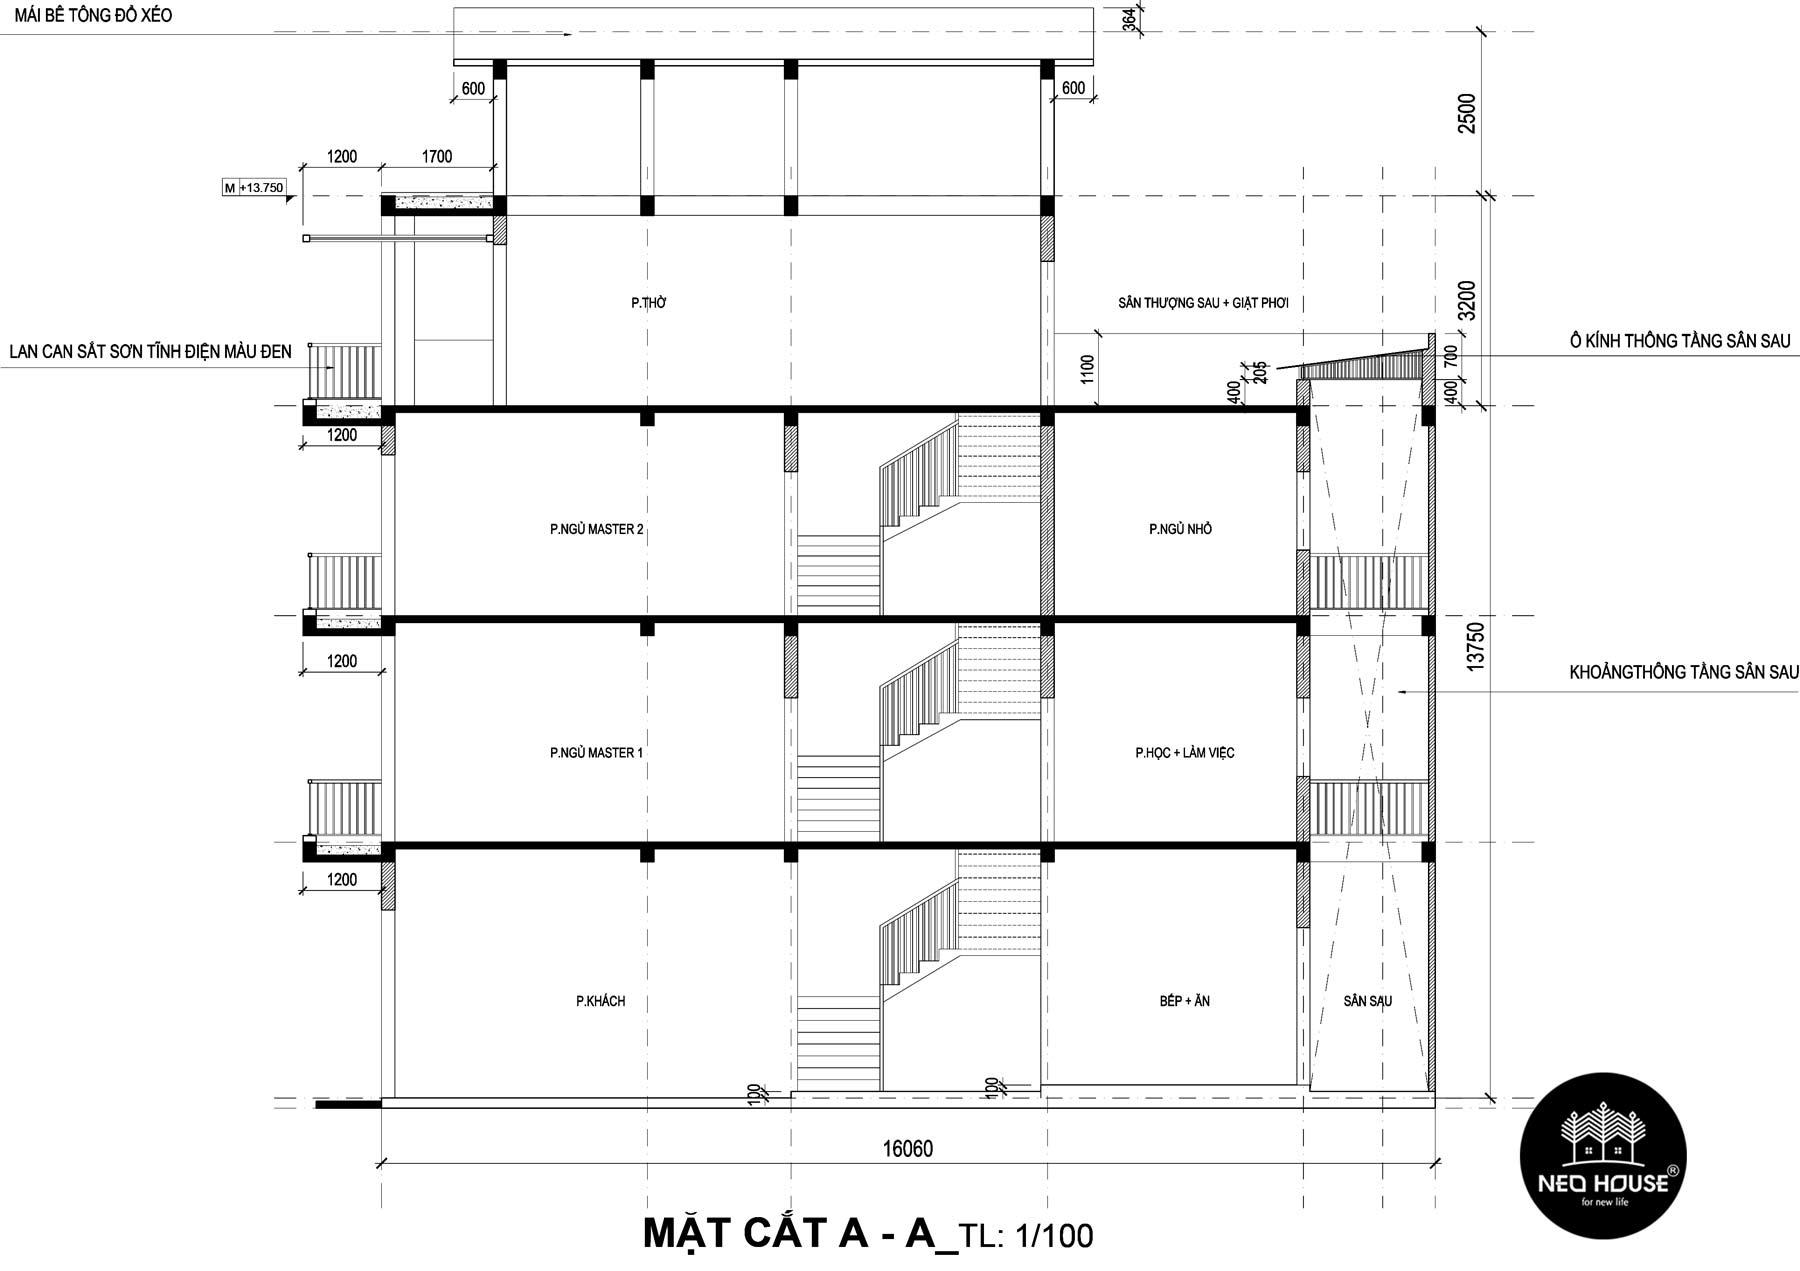 bản vẽ mặt cắt thiết kế cải tạo nhà phố